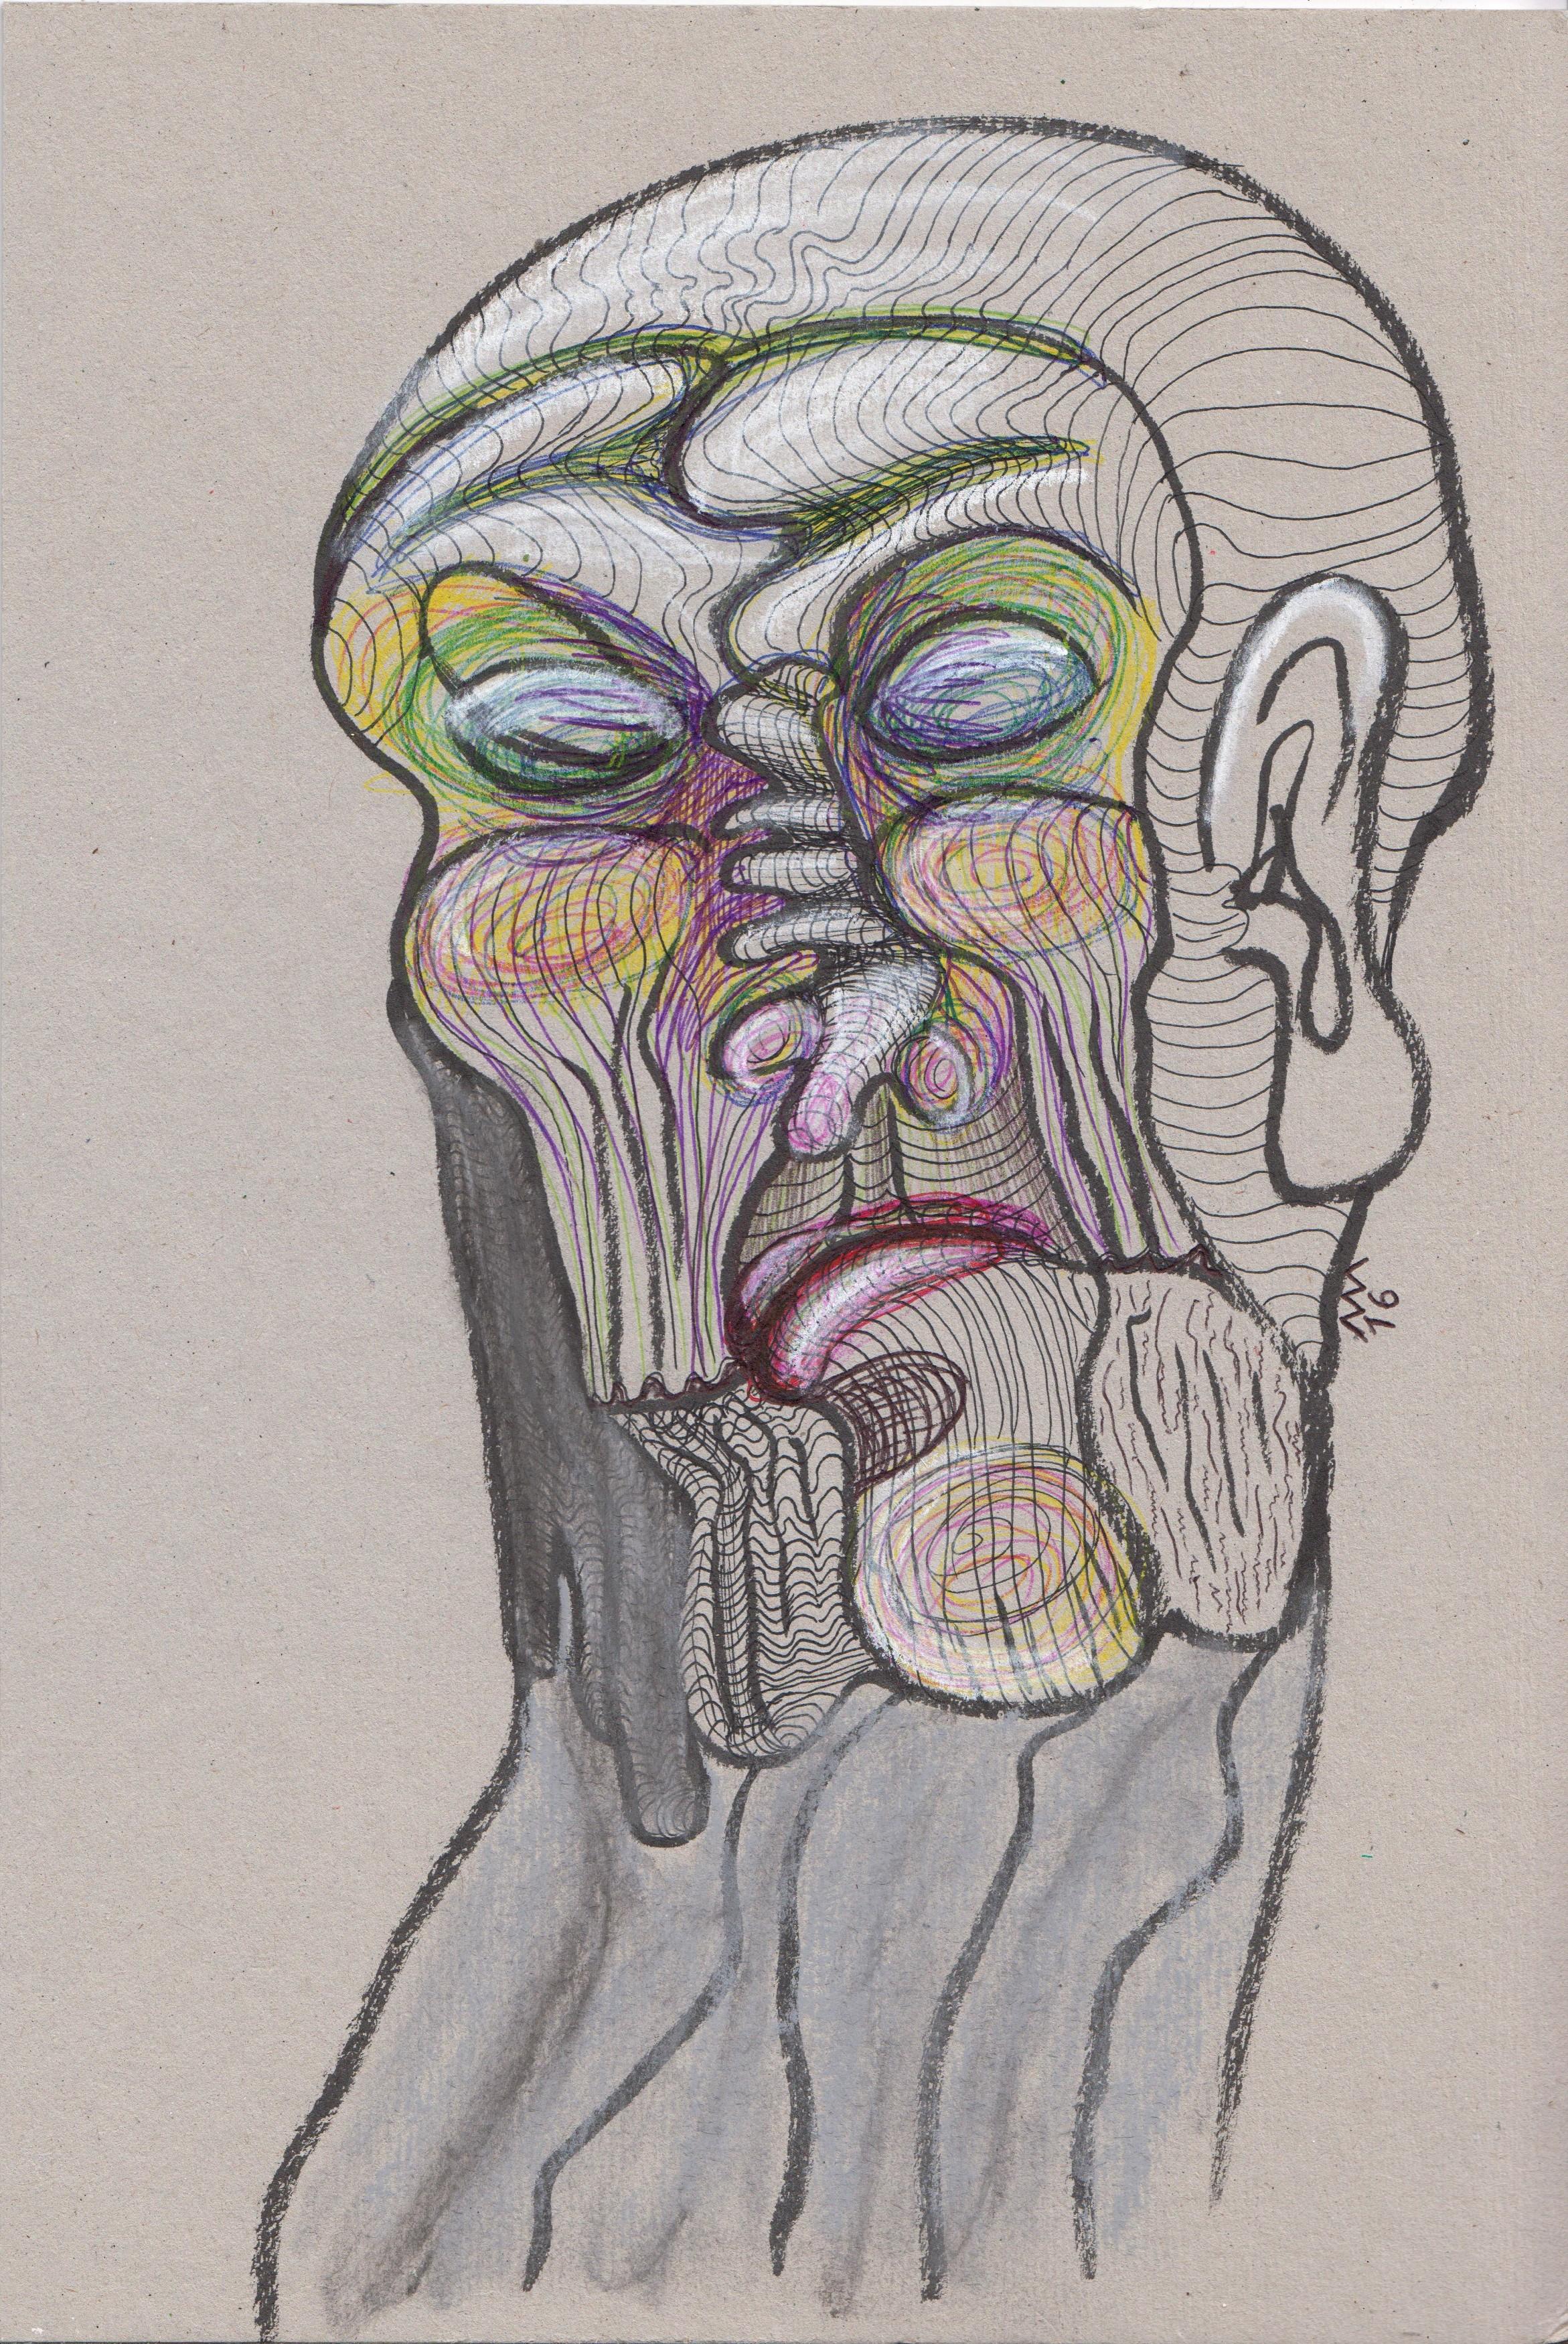 Le Christ sur ses vieux jours, encre, pastel et stylo bille, 29x20 cm